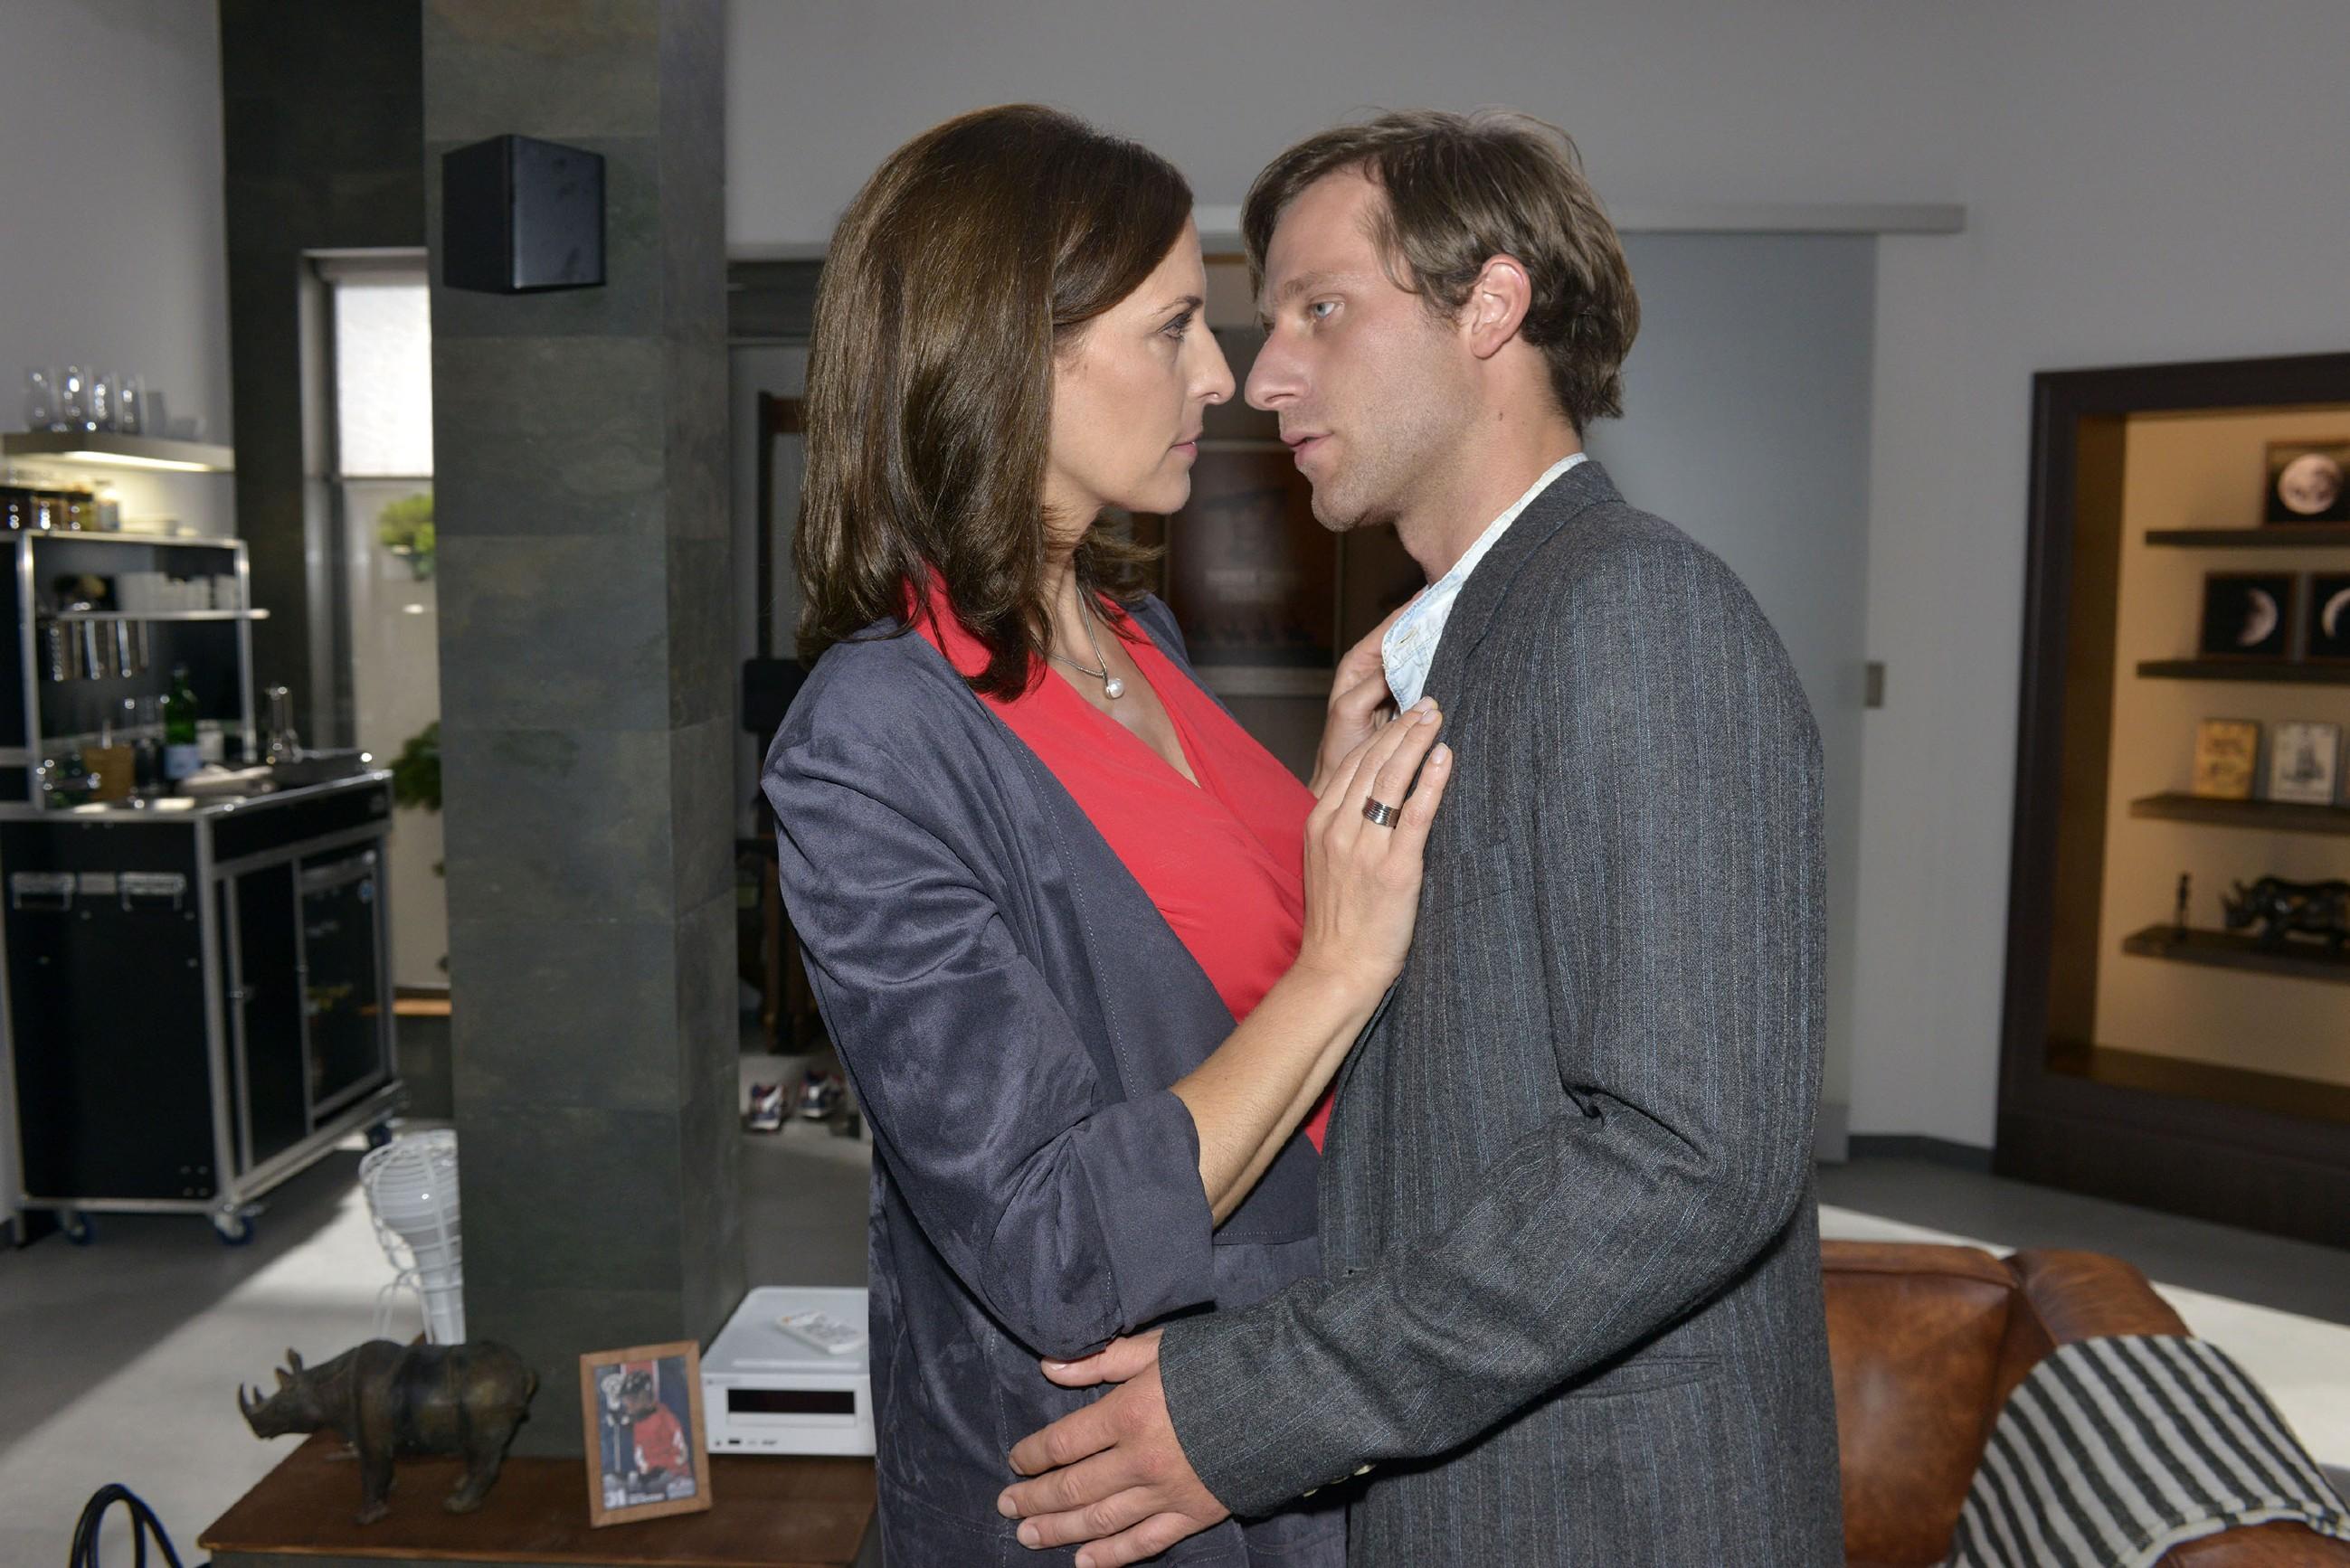 Bei Katrin (Ulrike Frank) und Bommel (Merlin Leonhardt) brechen sich die alten Gefühle Bahn: Werden sich die beiden ihrer Sehnsucht füreinander hingeben? (Quelle: RTL / Rolf Baumgartner)